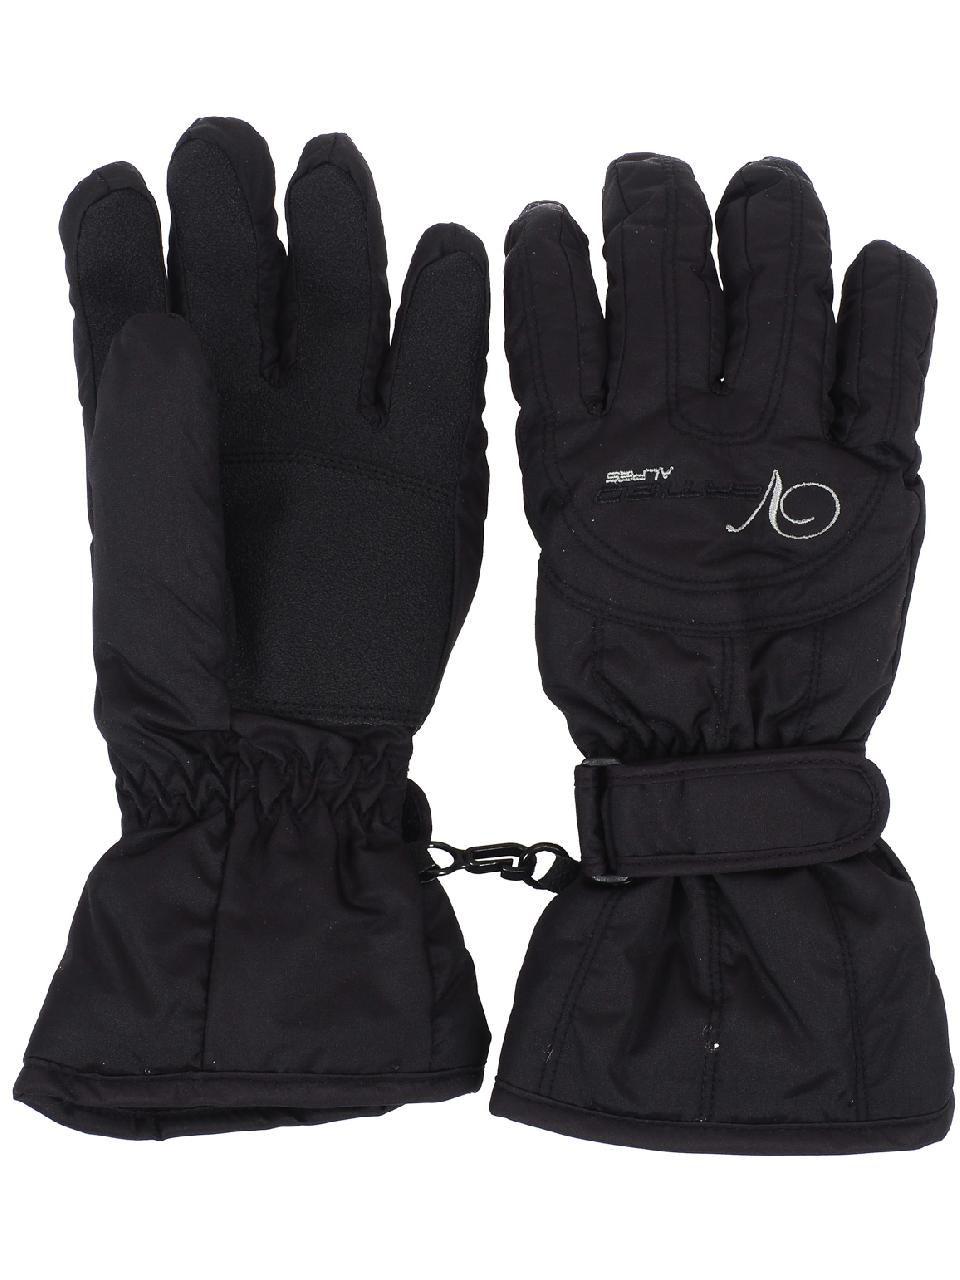 Ski-Gloves-Alpes-Vertigo-Annick-Black-Gloves-Ski-L-Black-25427-New thumbnail 2